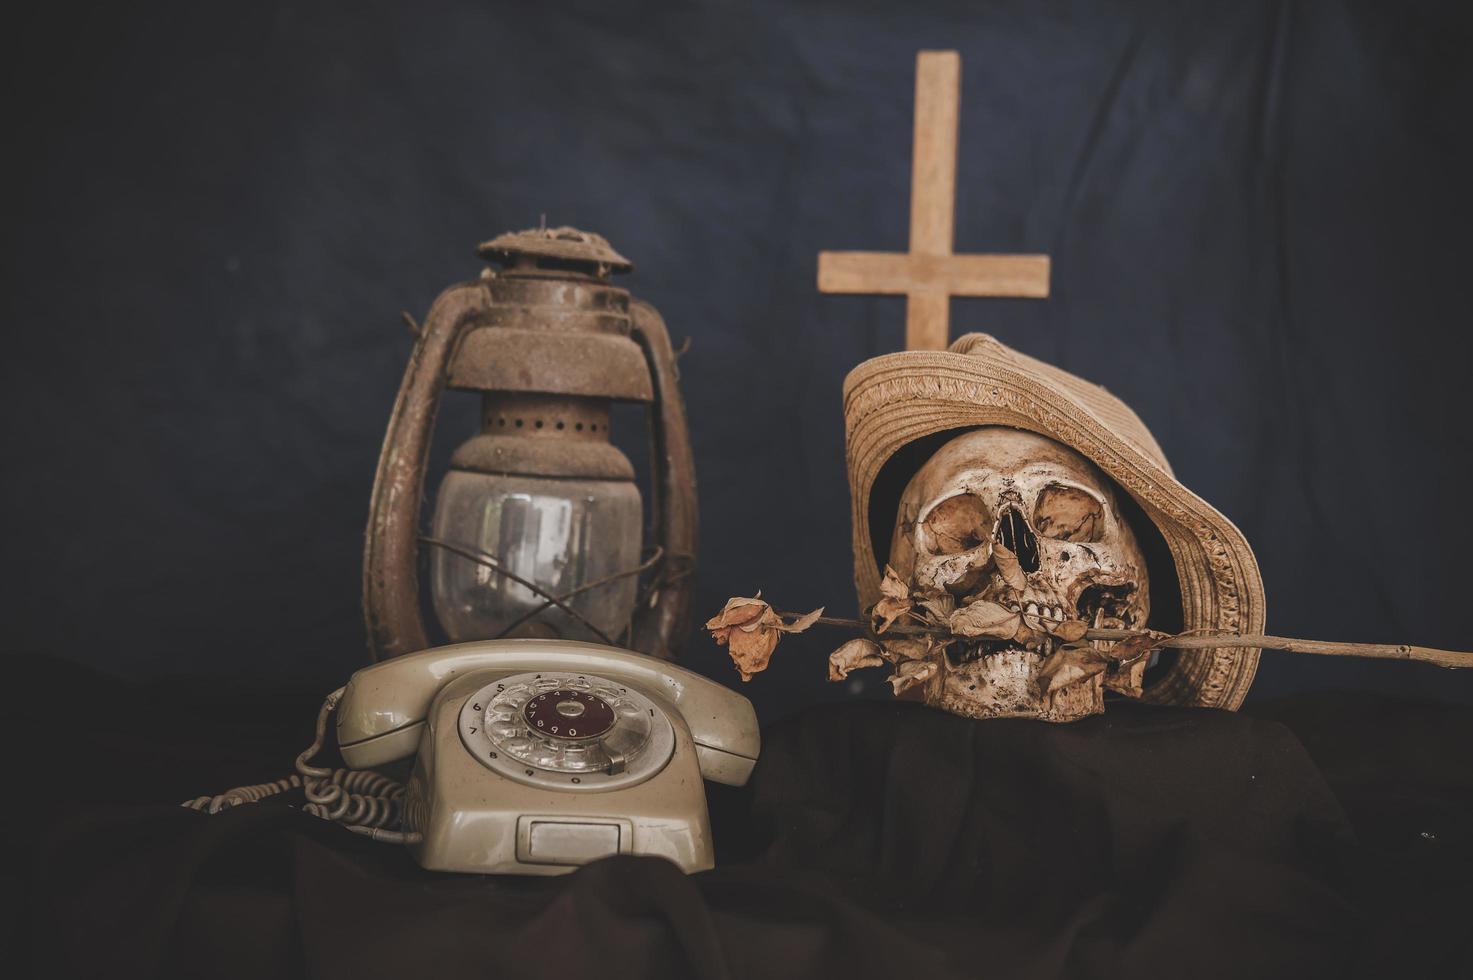 retro stil urtelefon stilleben med en skalle och en gammal lampa och kors foto